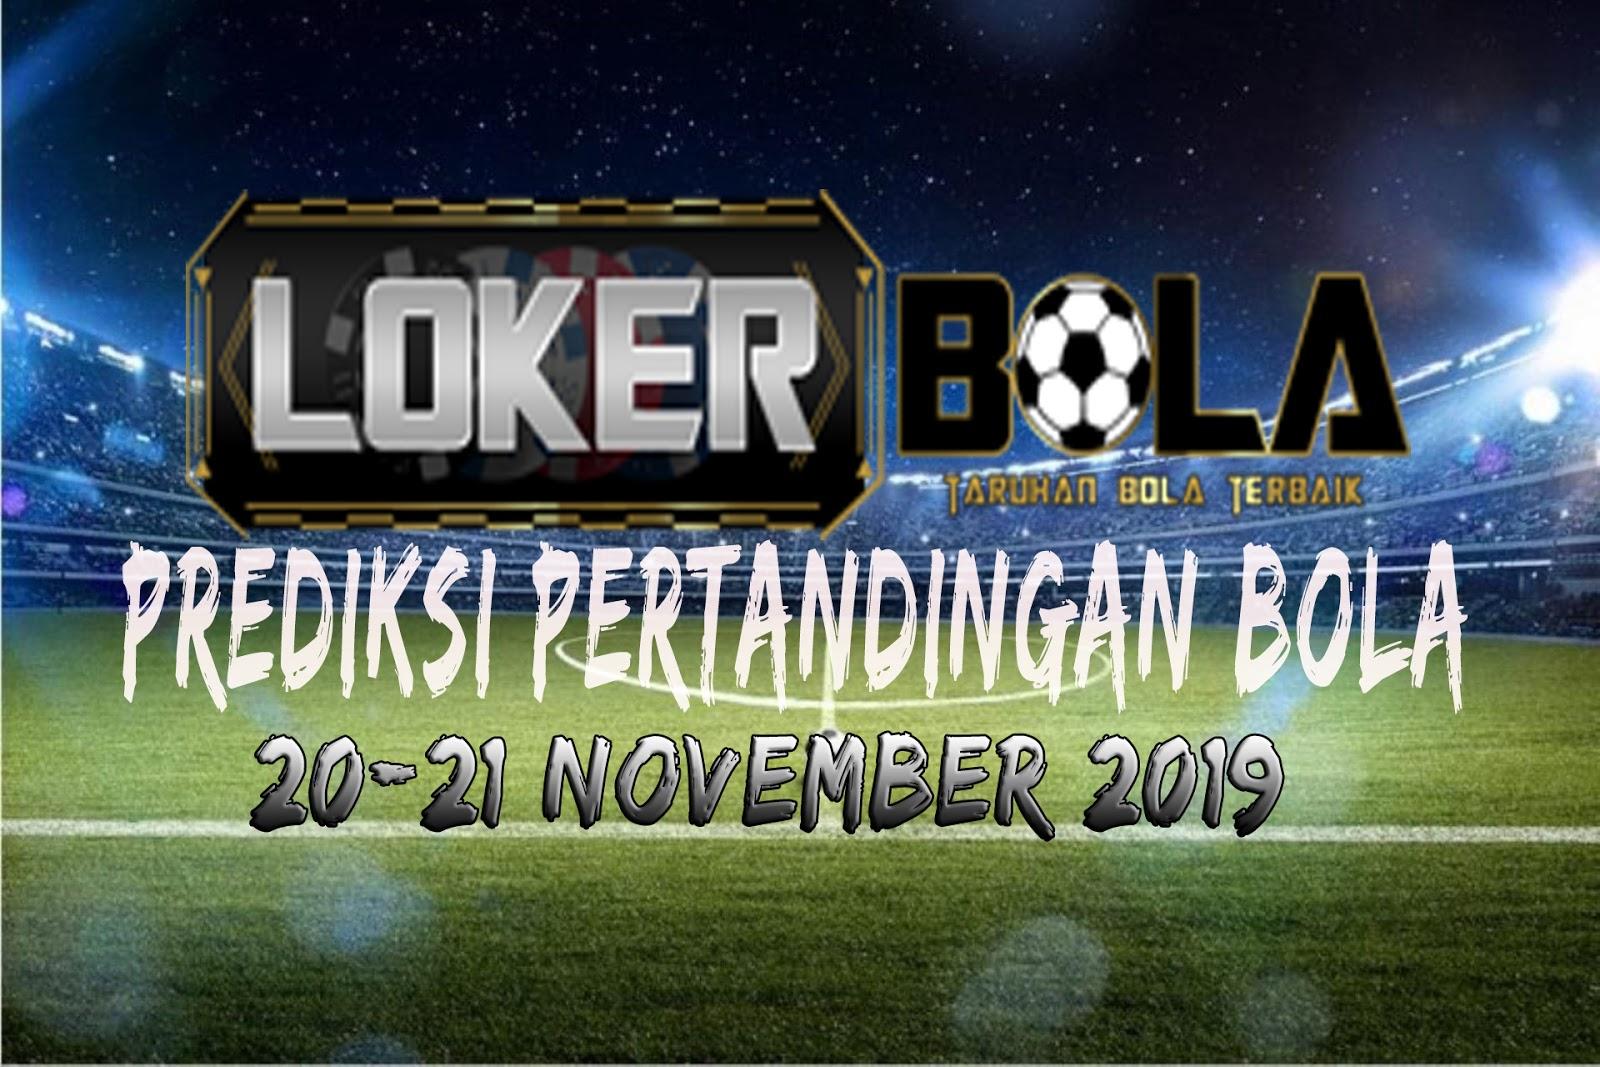 PREDIKSI PERTANDINGAN BOLA 20 – 21 NOVEMBER 2019